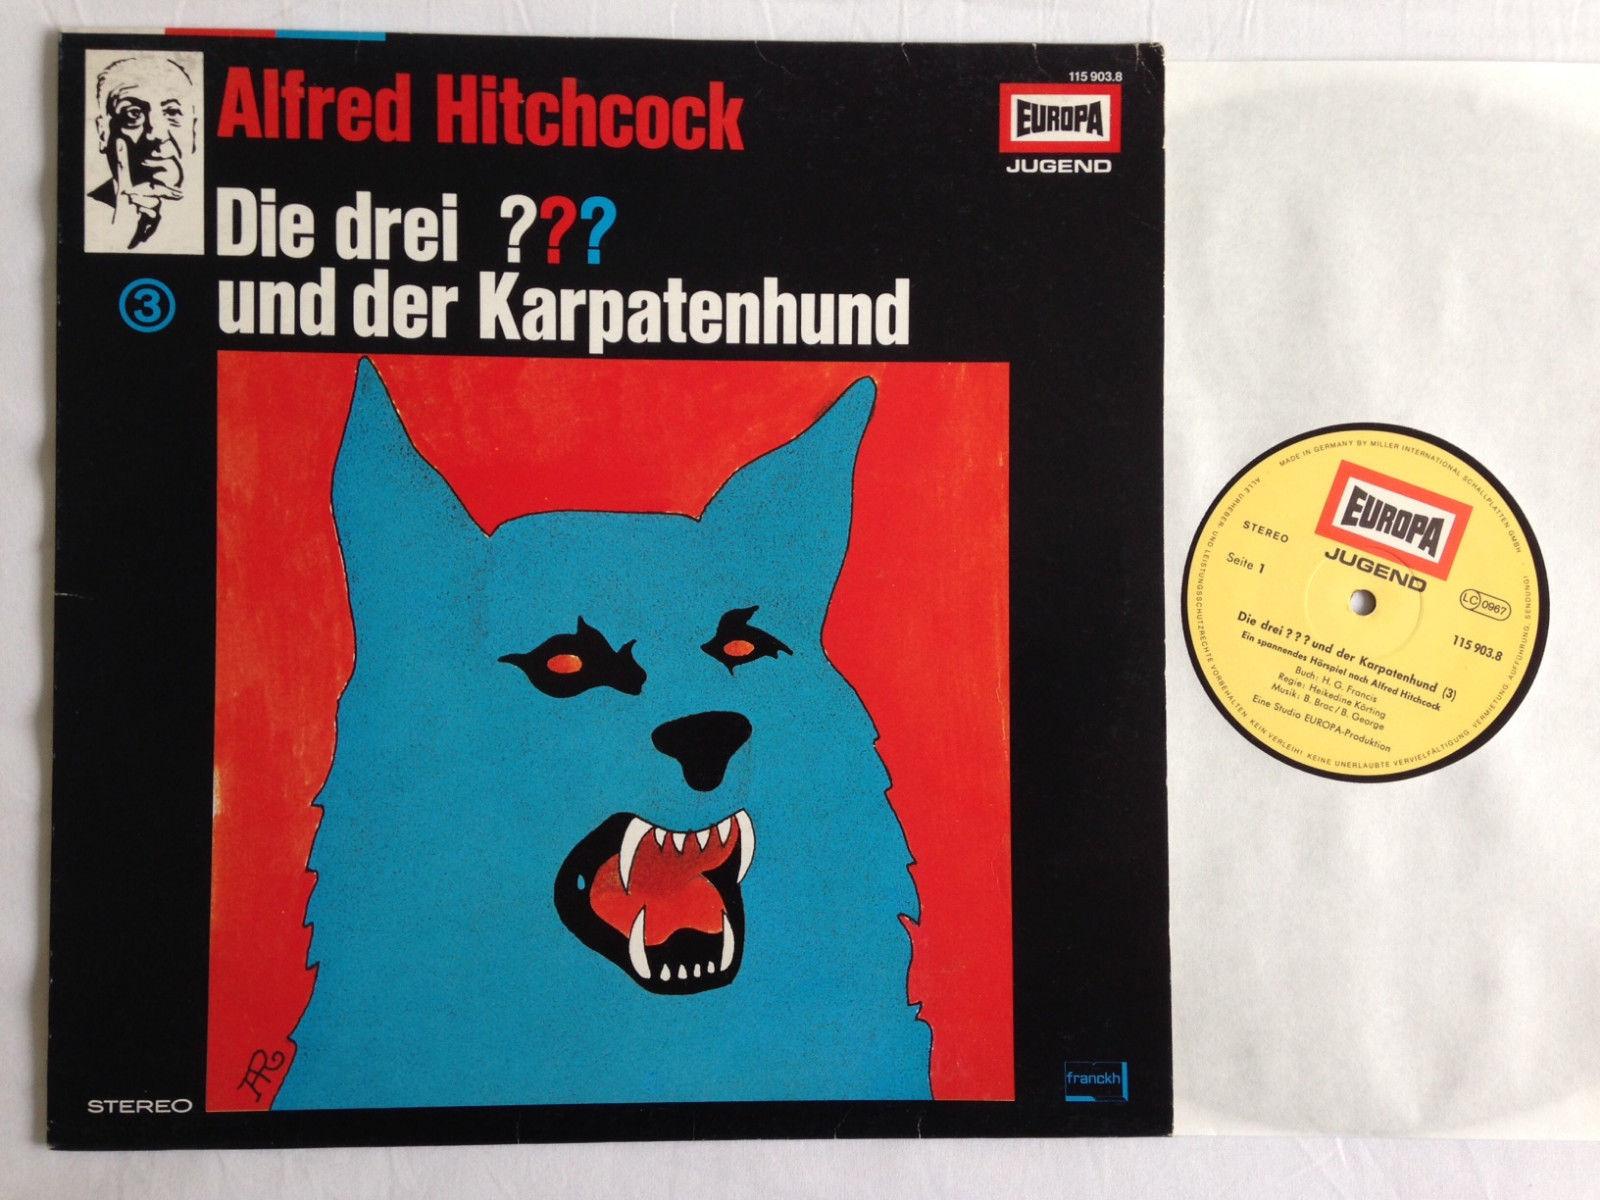 DIE DREI ??? FRAGEZEICHEN und der Karpatenhund 3 LP 1.Pressung 1979 A. Hitchcock